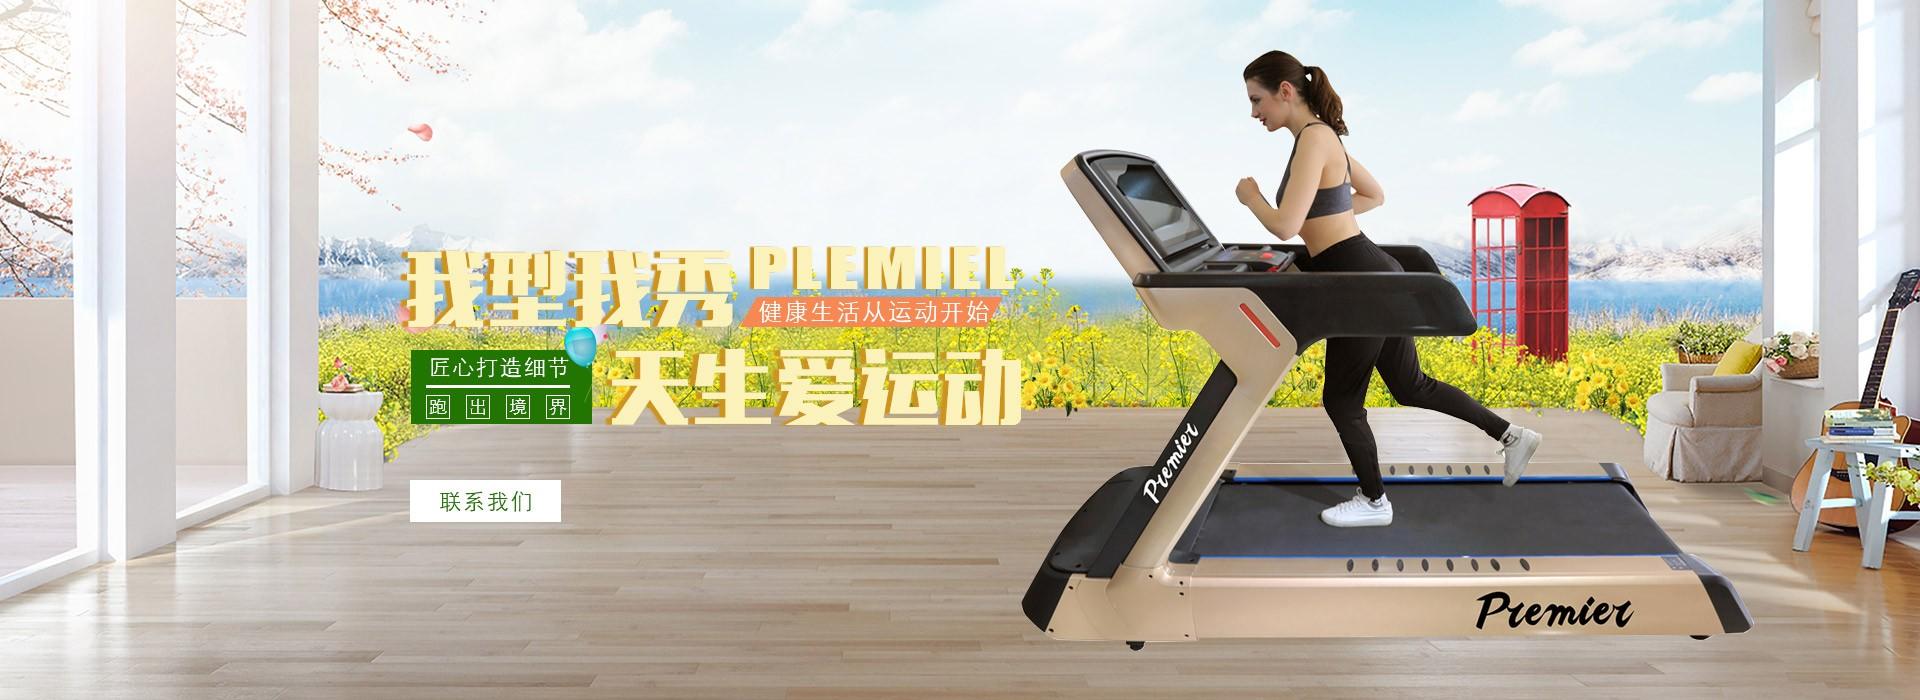 苏州悦健体育文化发展有限公司